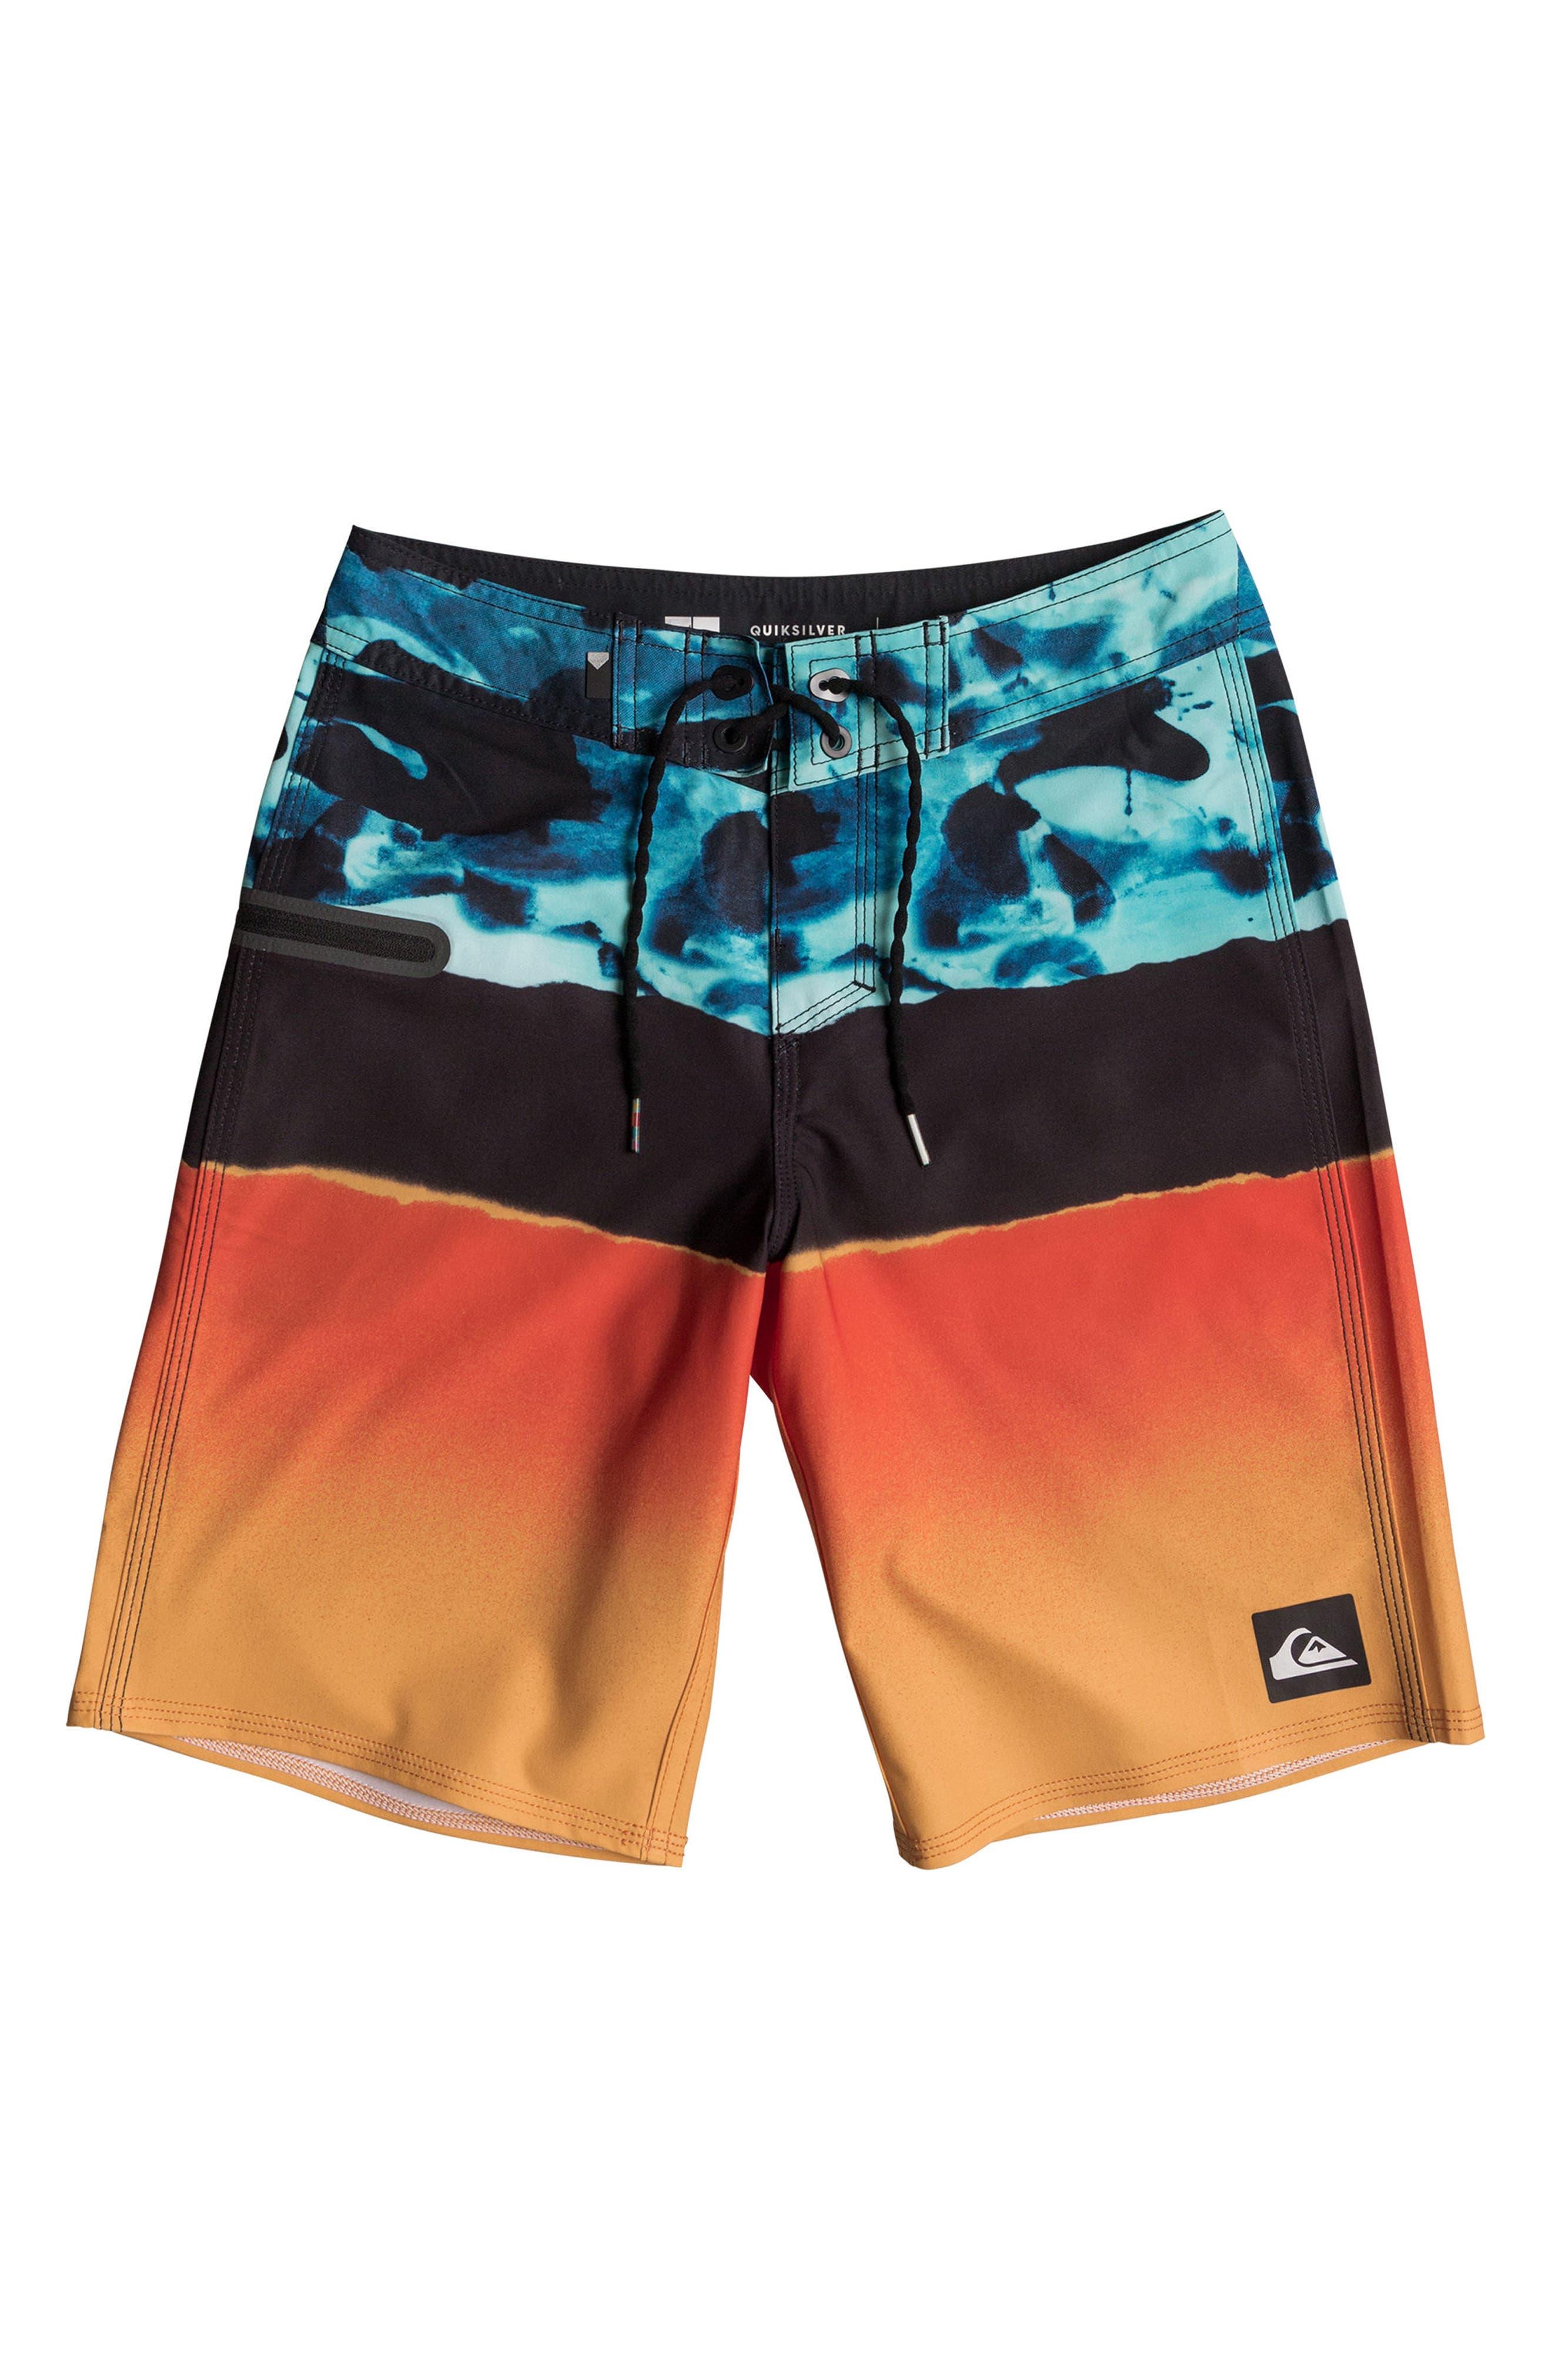 Blocked Resin Camo Board Shorts,                             Main thumbnail 1, color,                             407